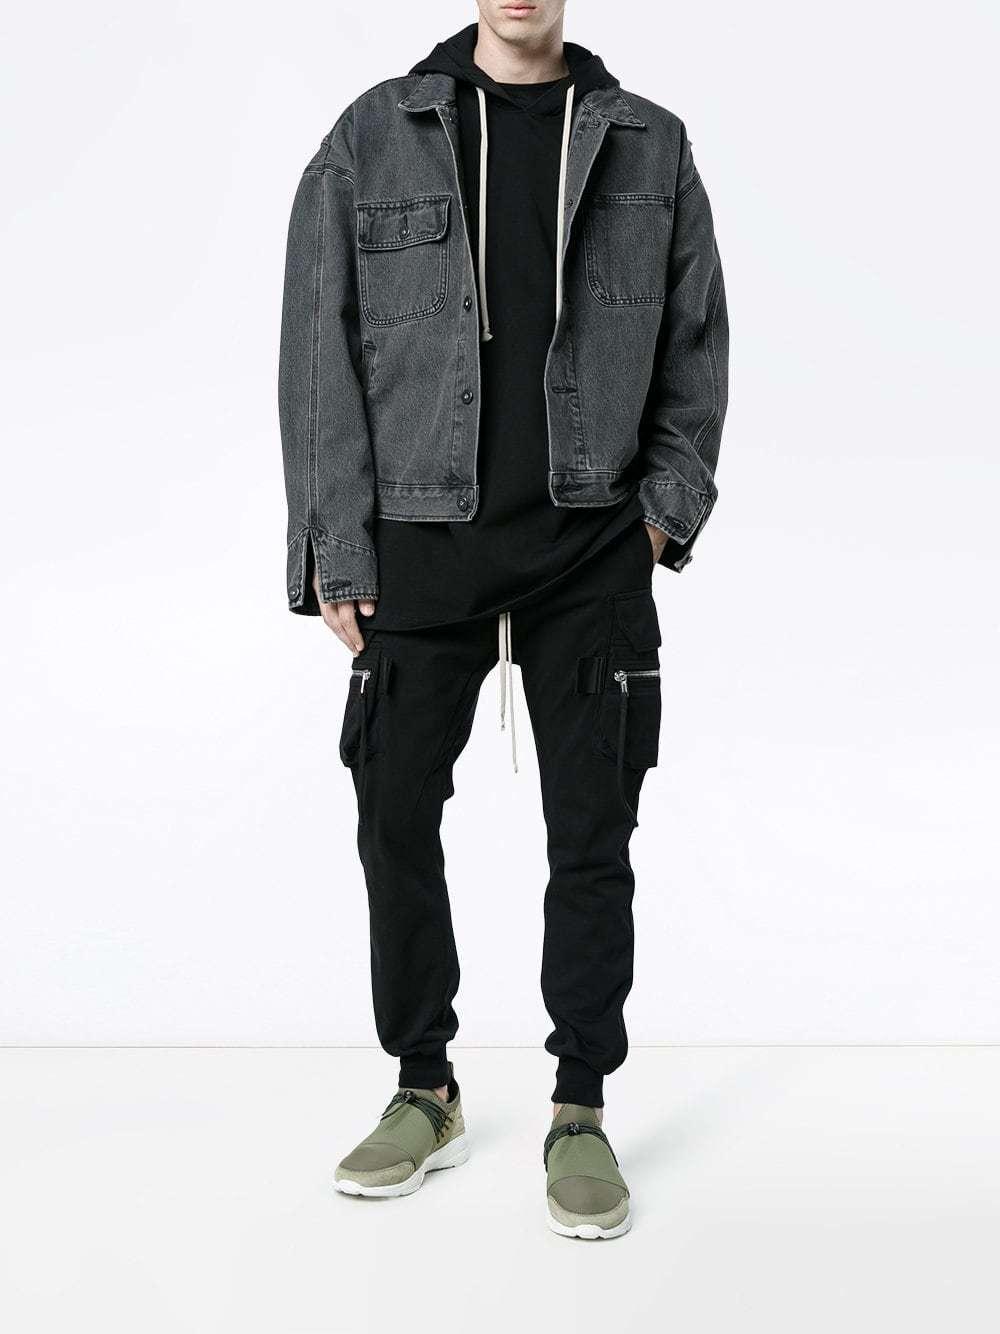 low priced e0980 468d9 $845, Yeezy Worker Jean Jacket